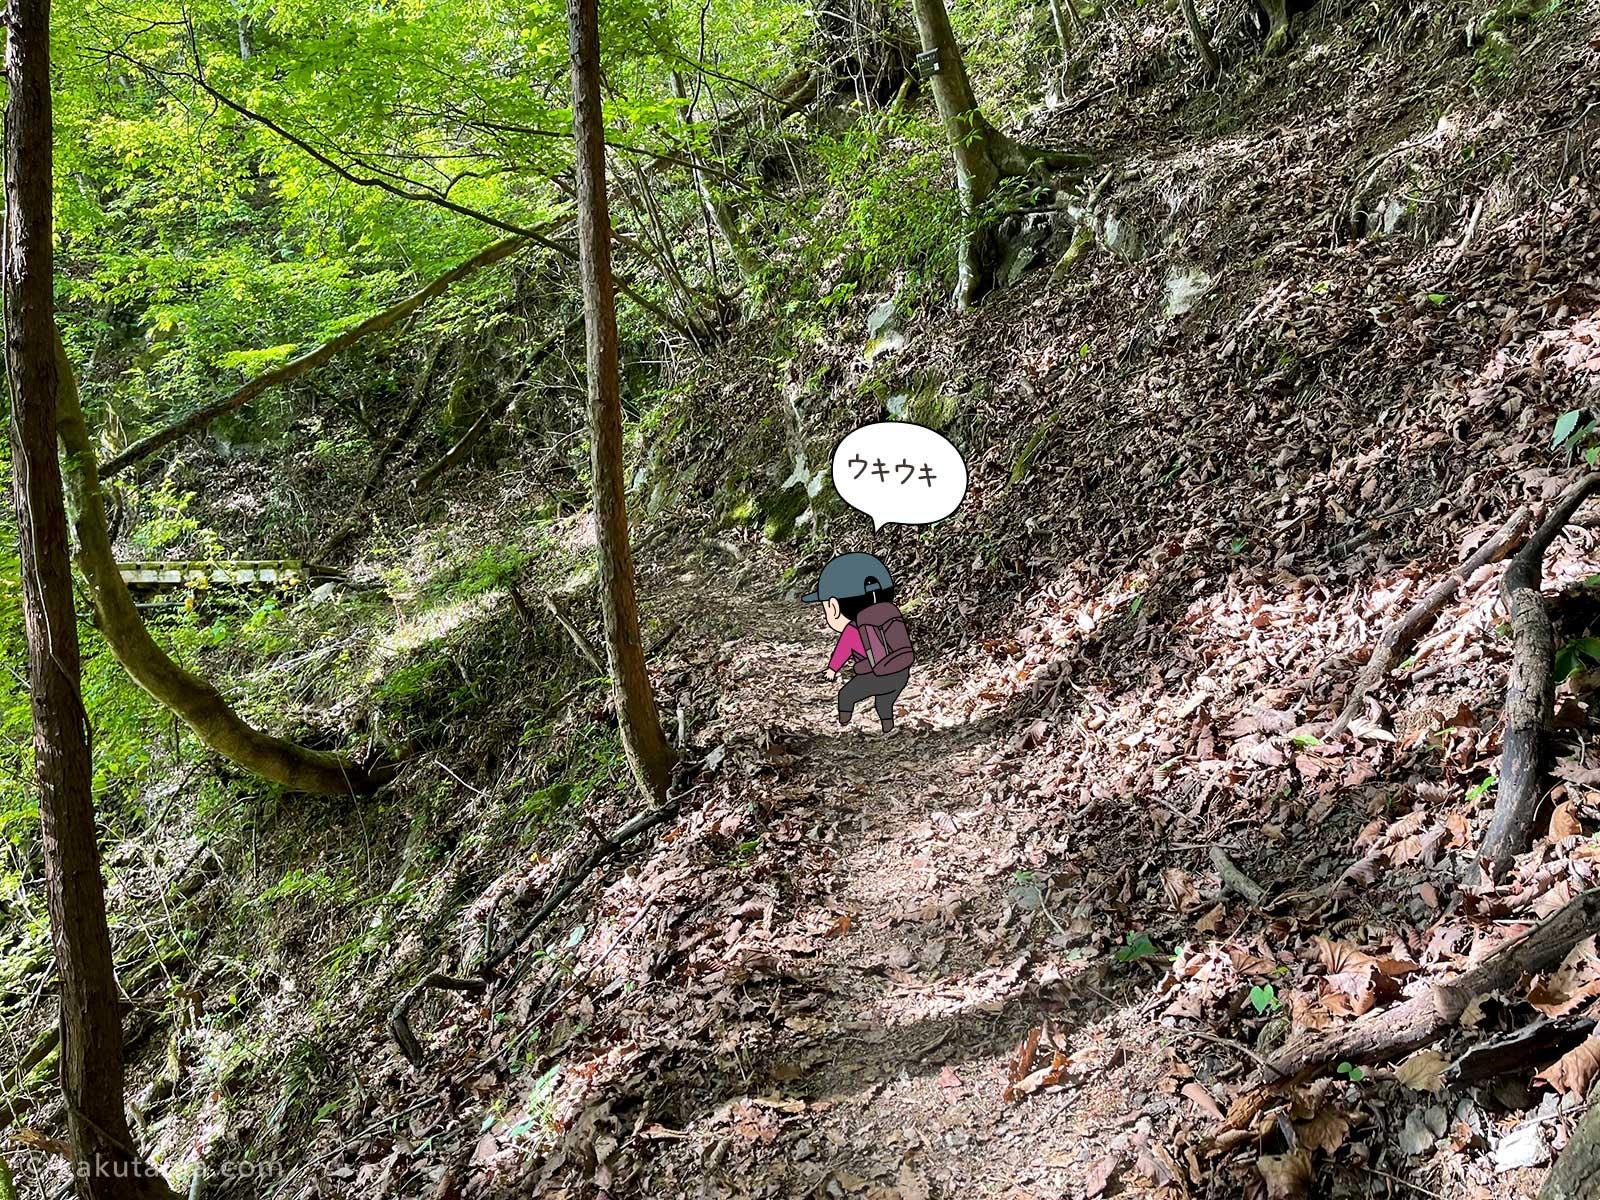 大岳鍾乳洞コースを登る1